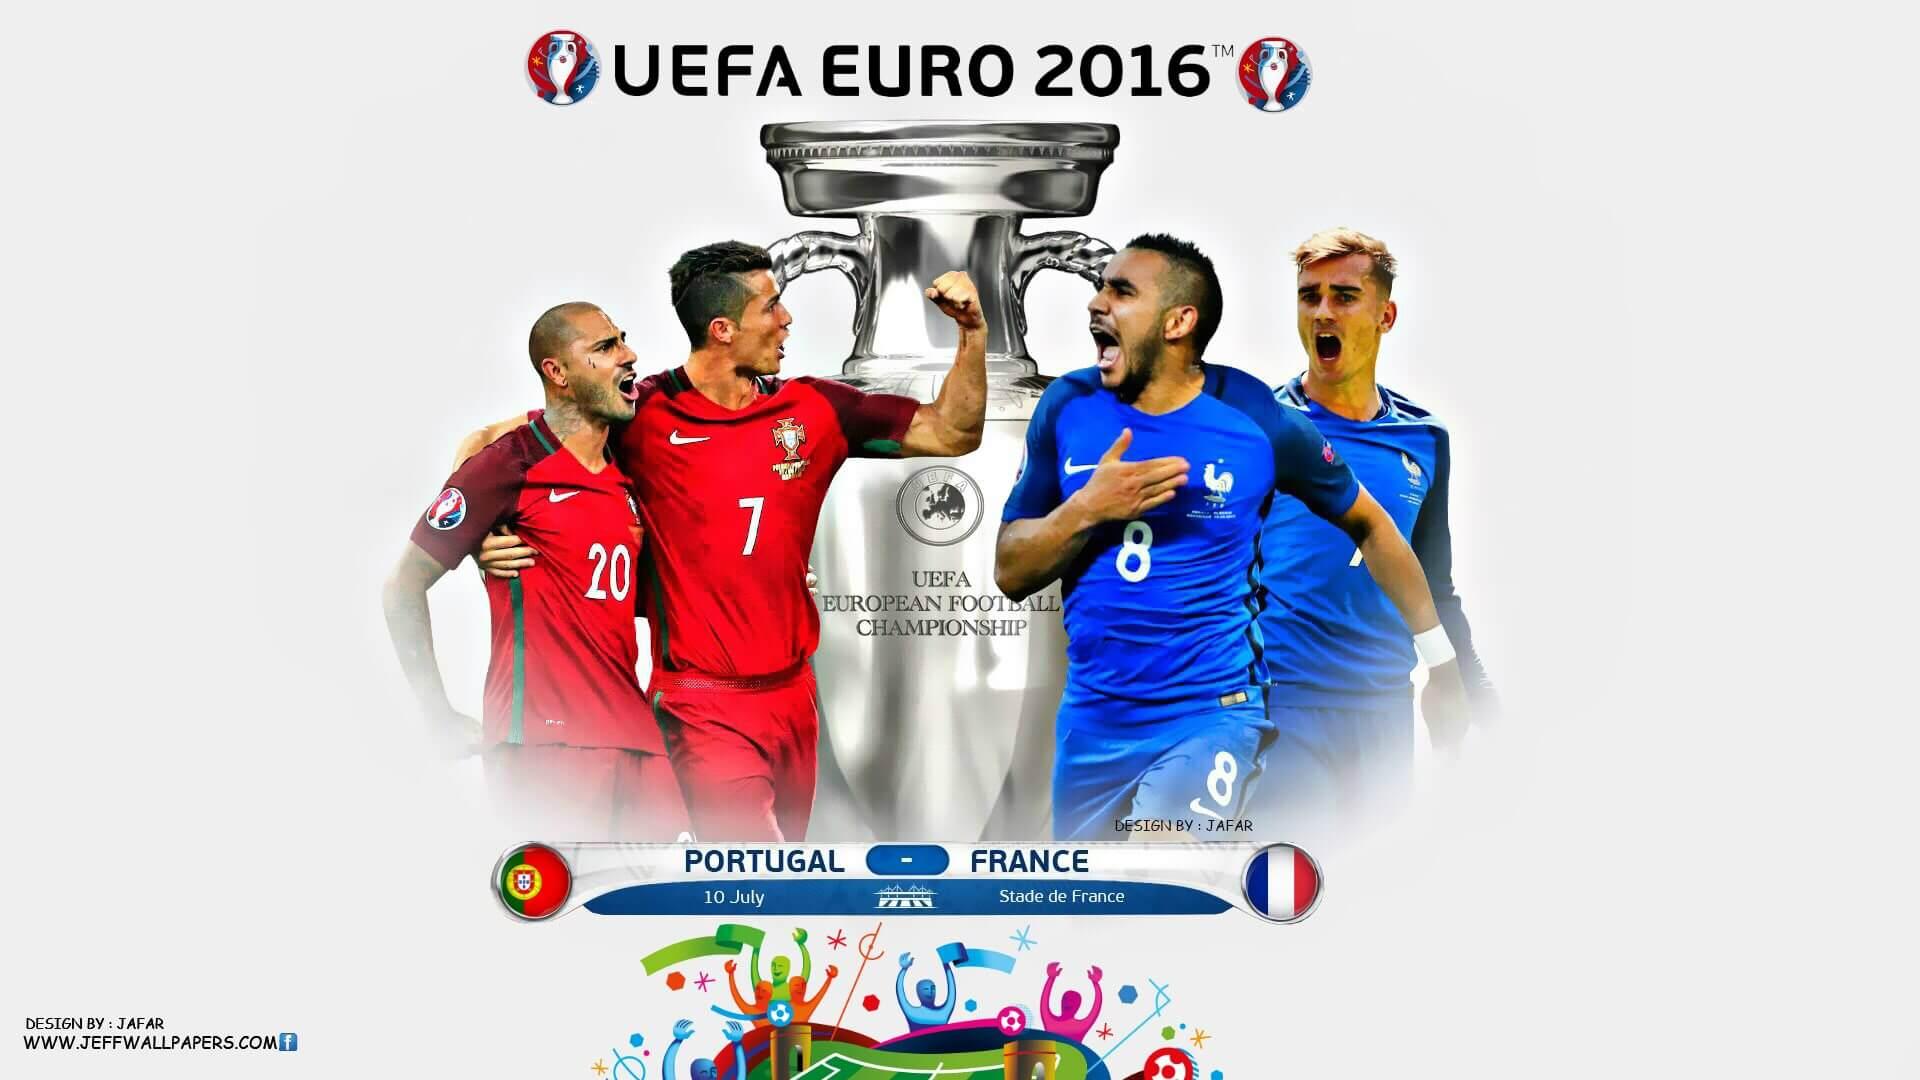 Финал чемпионата Европы по футболу 2016 года Франция - Португалия